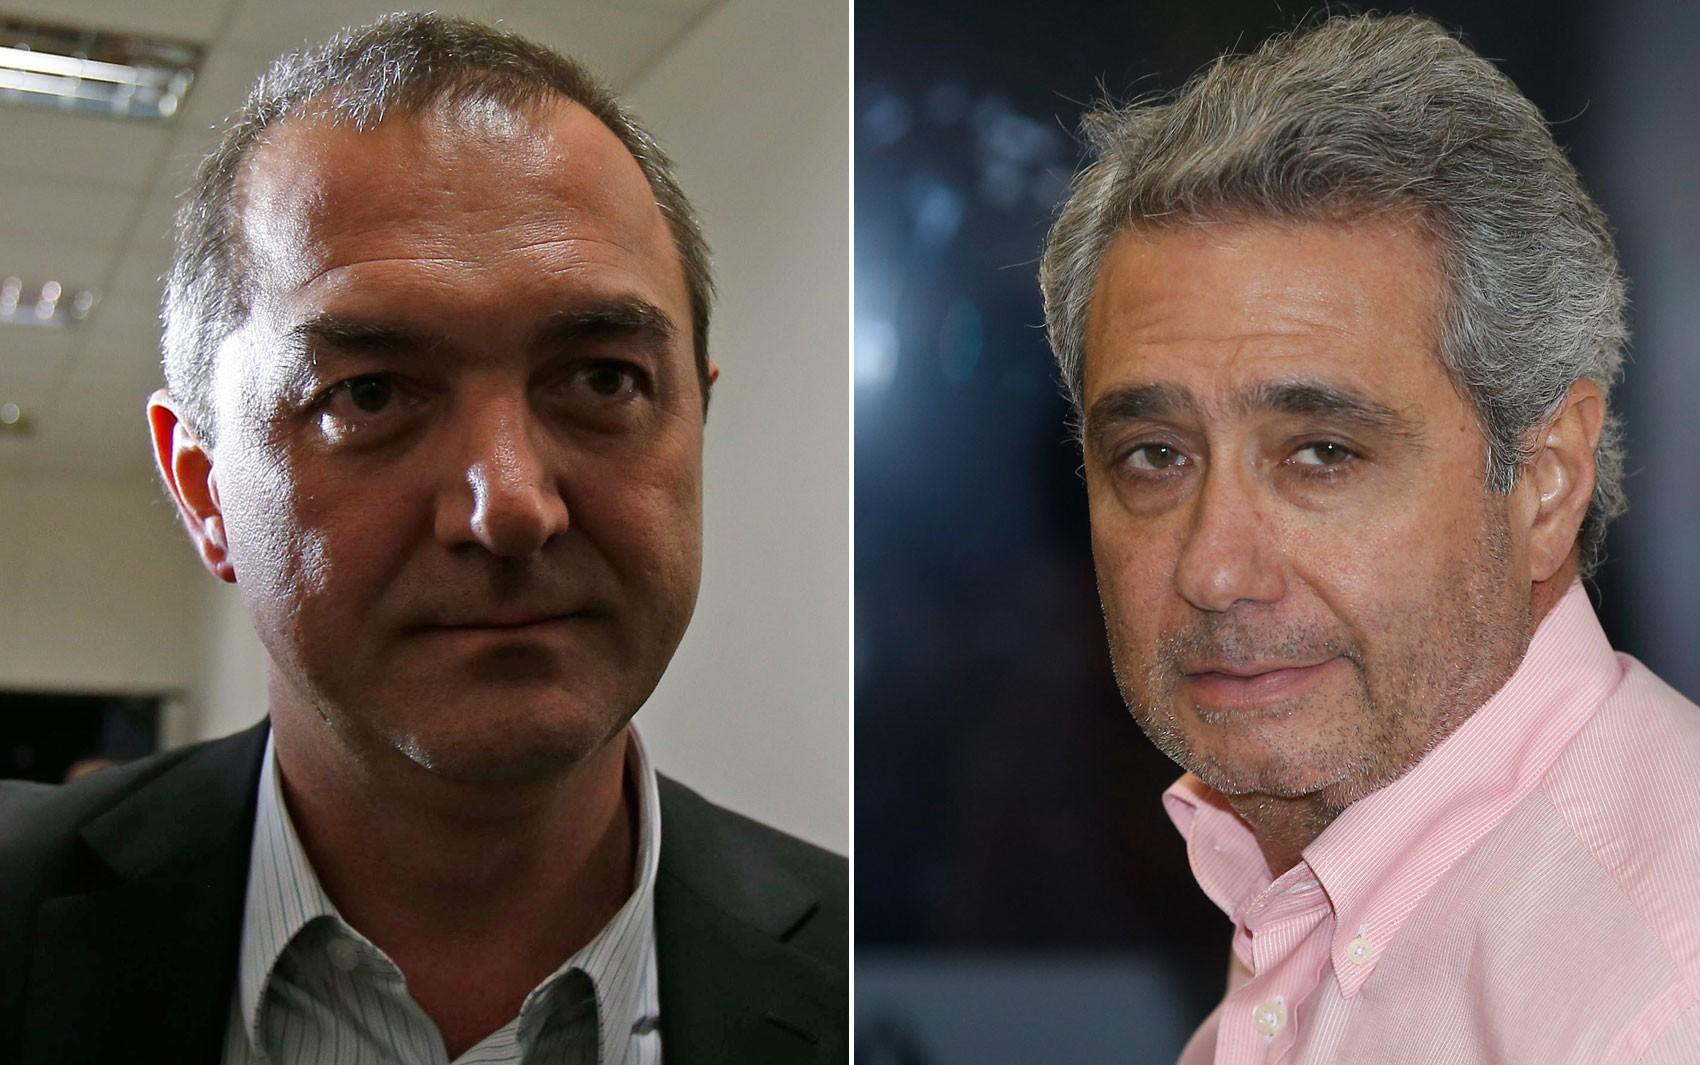 Juiz do DF manda soltar Joesley Batista; empresário deverá entregar passaporte